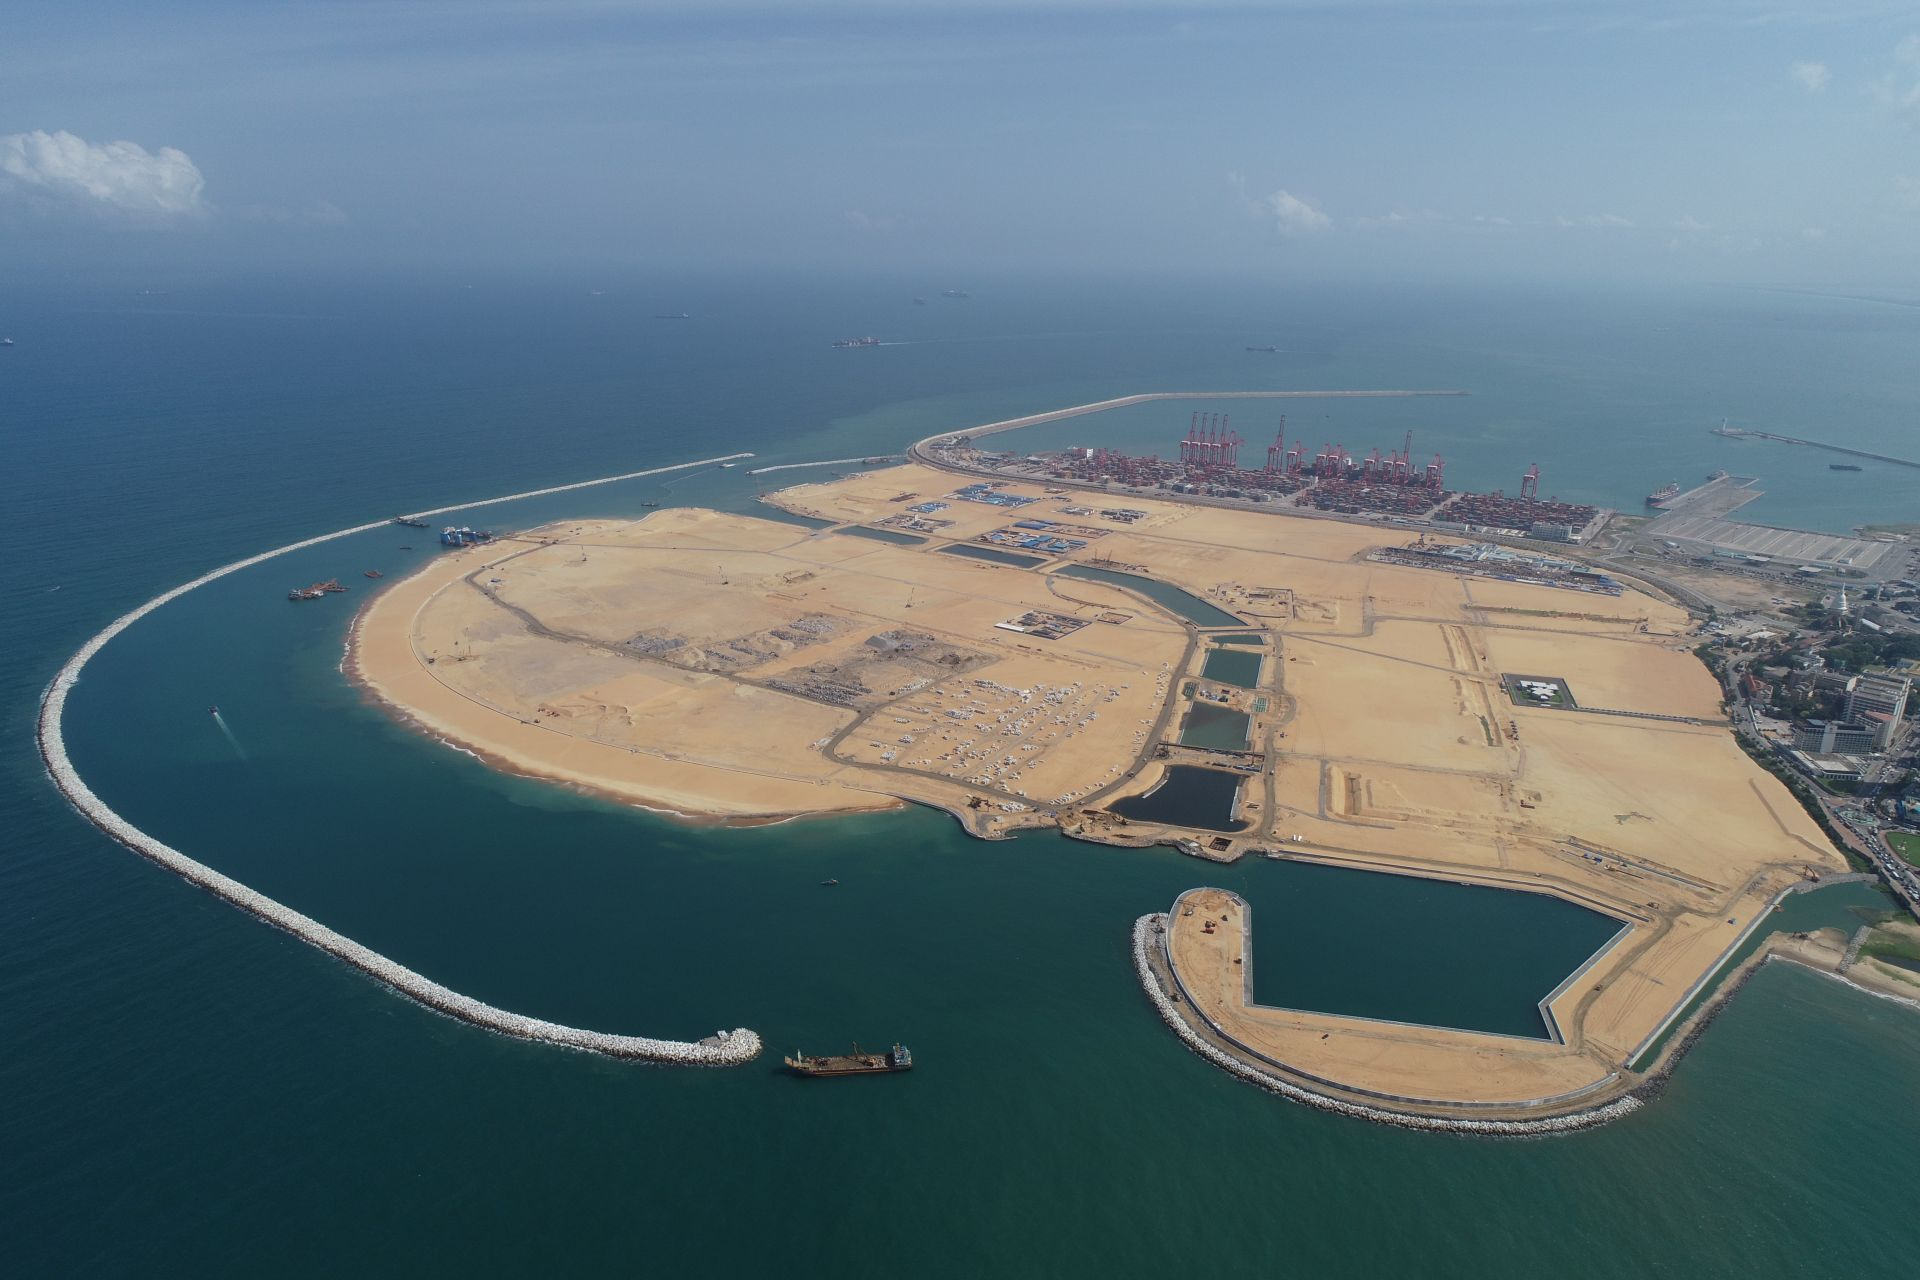 7月12日无人机拍摄的科伦坡港口城项目整体俯瞰图。新华社记者 唐璐摄